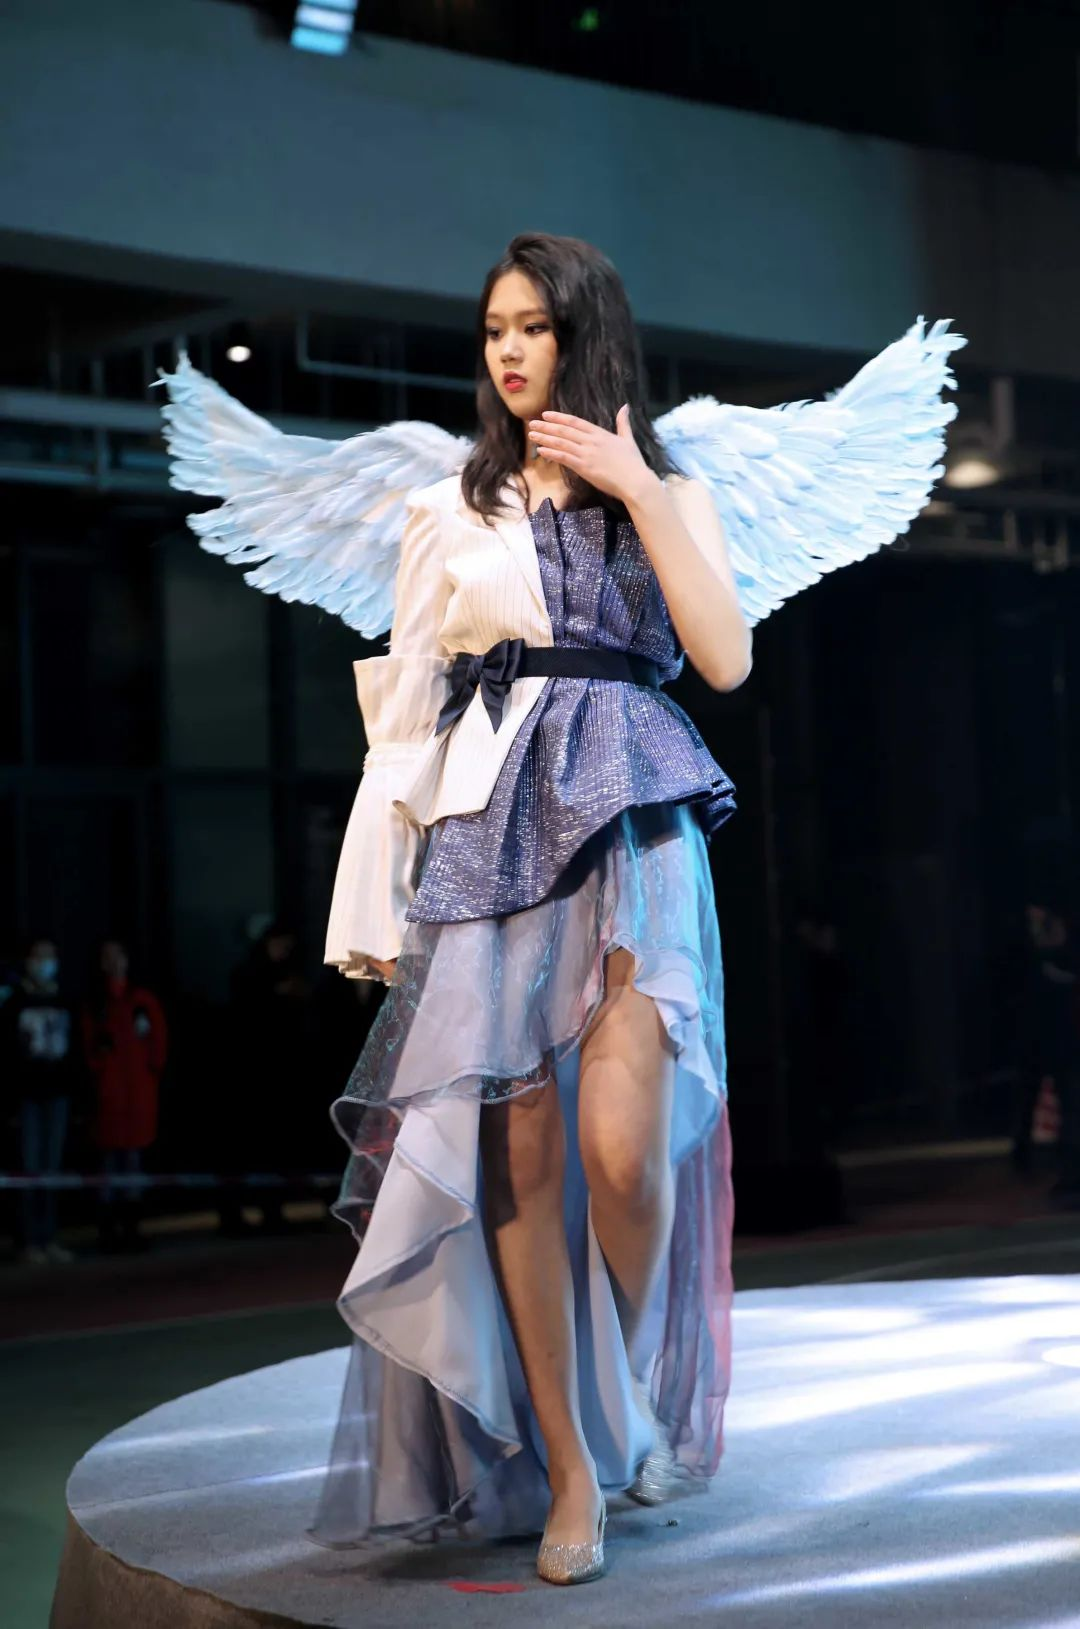 深国交2021 Fashion Show - 校园活动 疫情之下的时尚  深国交 深圳国际交流学院 第27张